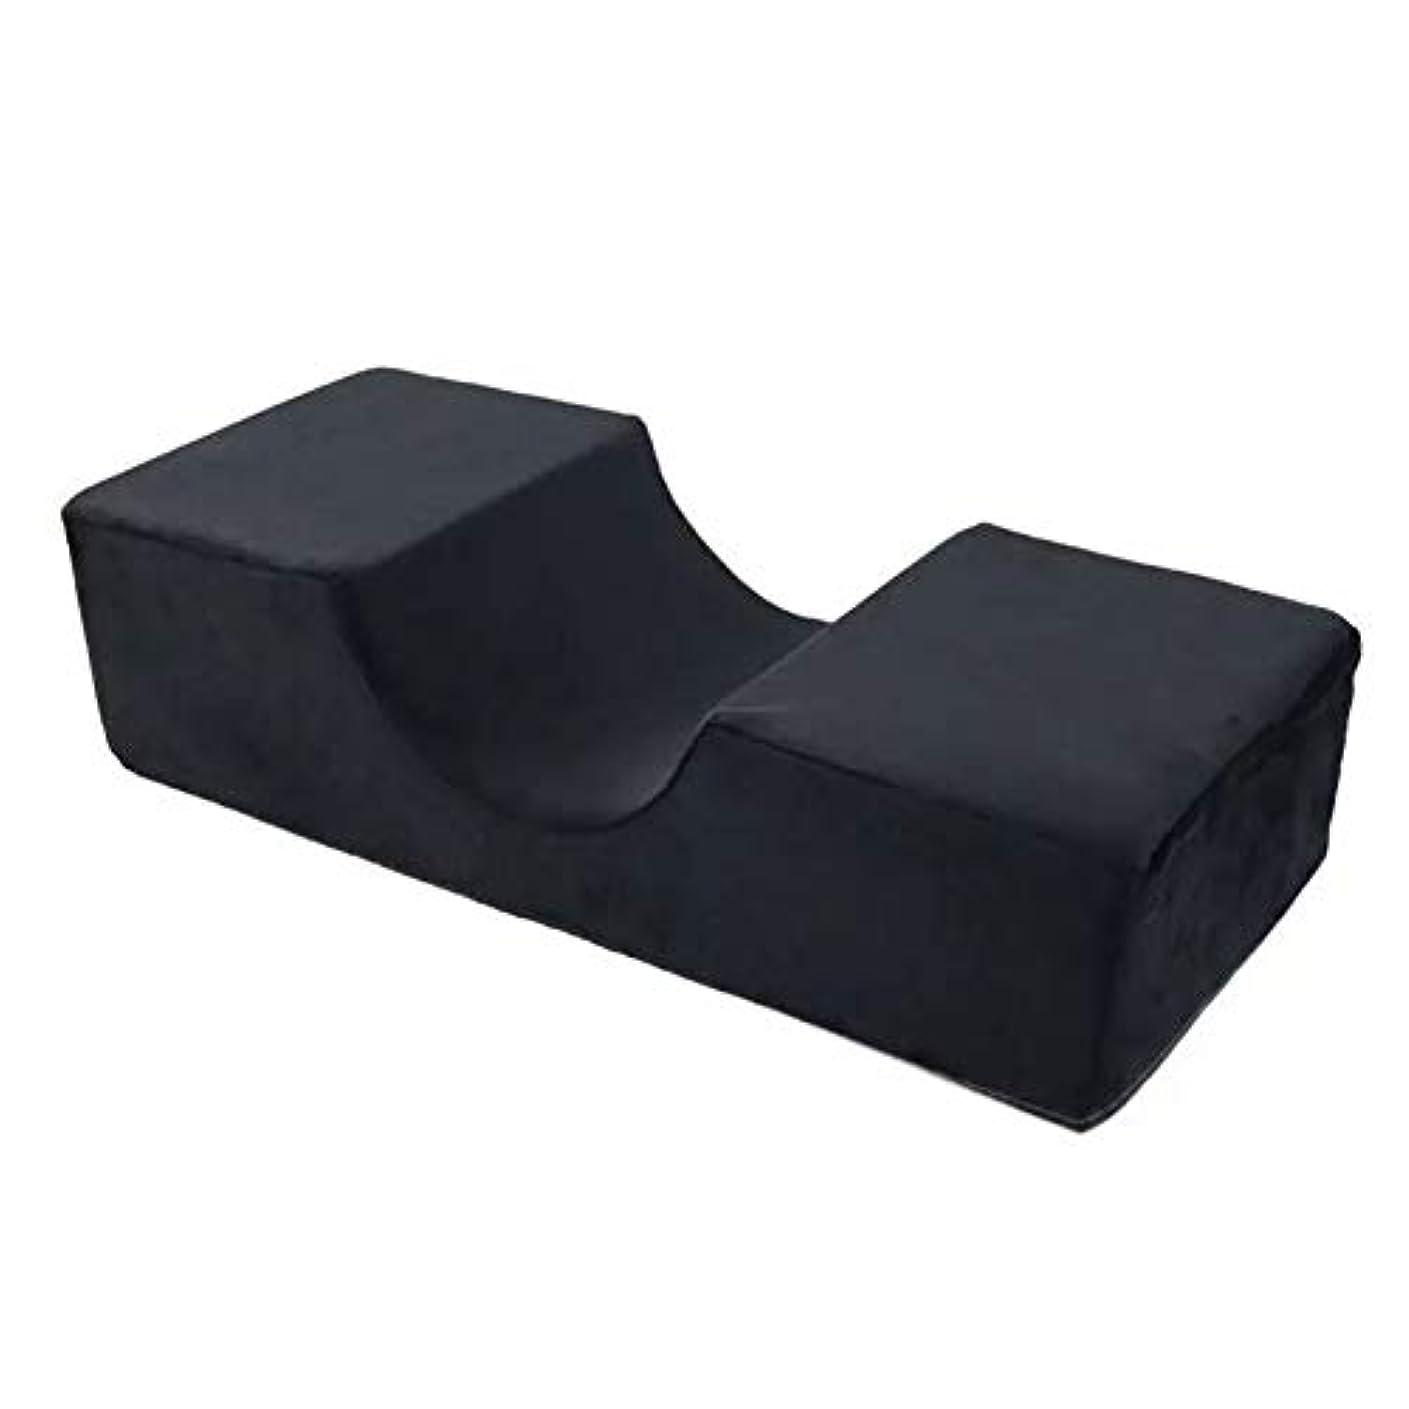 まっすぐにするロッジ州美容院枕 ラーラッシュ エクステンションピロー フランネル 人間工学 マッサージ枕 低反発フォーム製 安全無毒 凹型 黒 50 * 20 * 12 cm